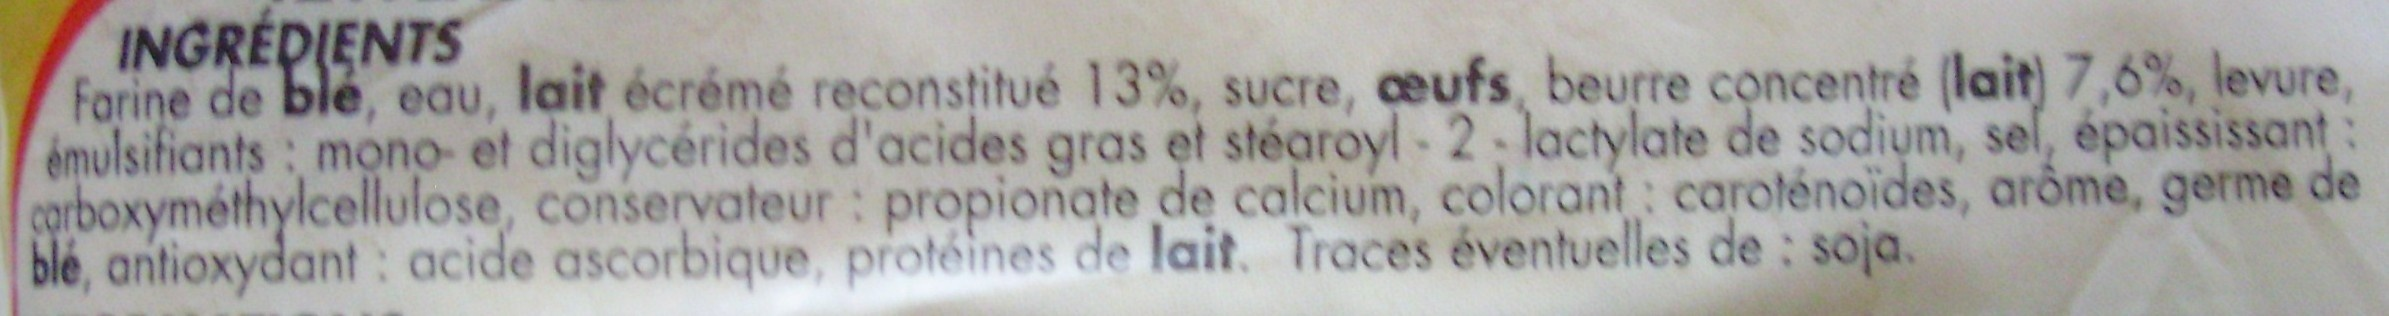 12 Pains au lait - Pur Beurre (Offre Spéciale) - Ingrédients - fr